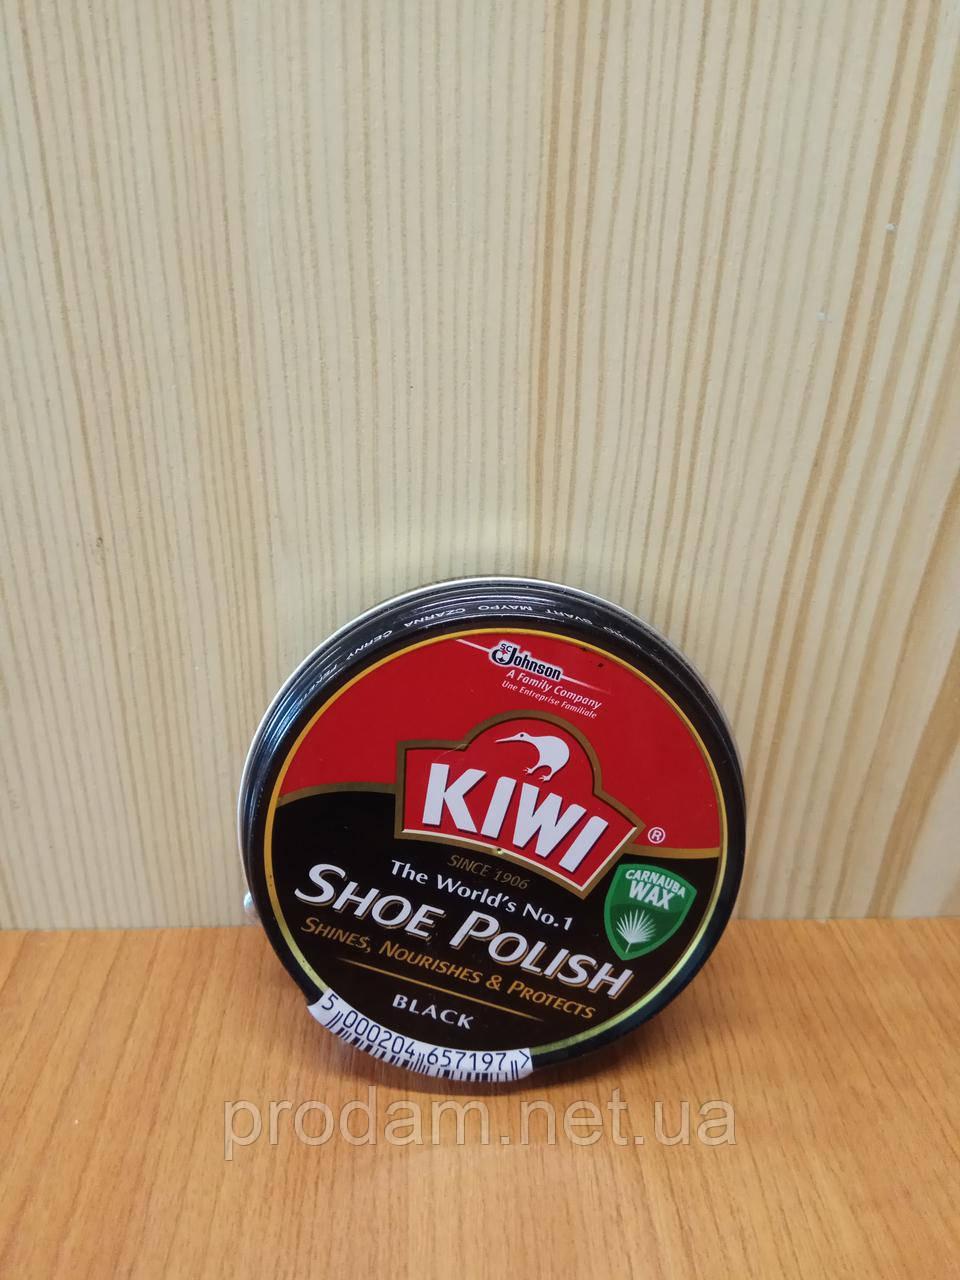 Крем для обуви Kiwi безцветный